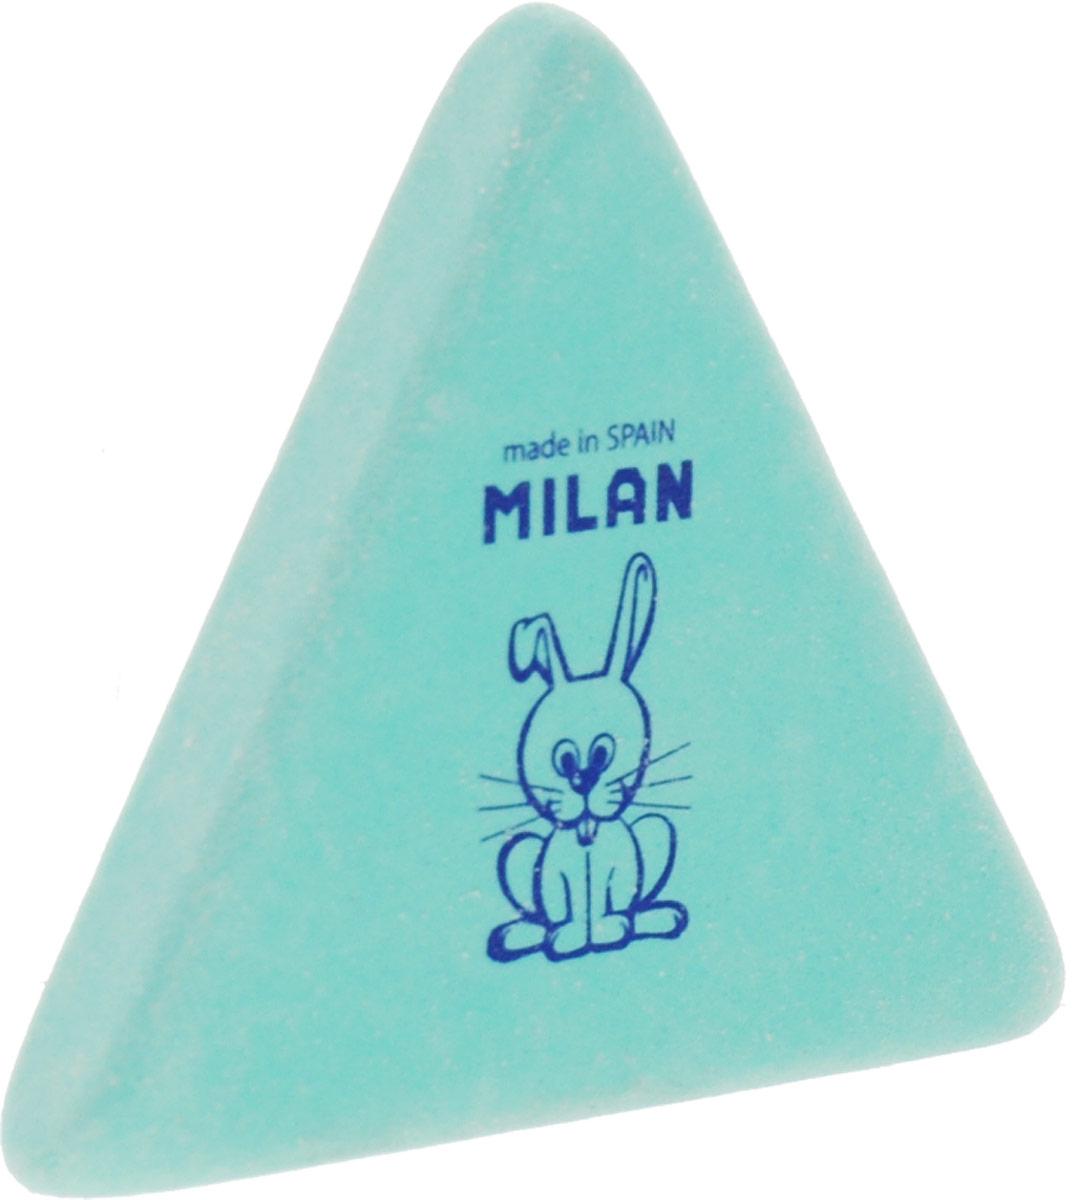 Milan Ластик 3X3 треугольный цвет бирюзовыйCMM3X3_бирюзовыйЛастик удобной треугольной формы для точного стирания. Отлично удаляет следы графита мыгких карандашей. Страна-производитель: Испания